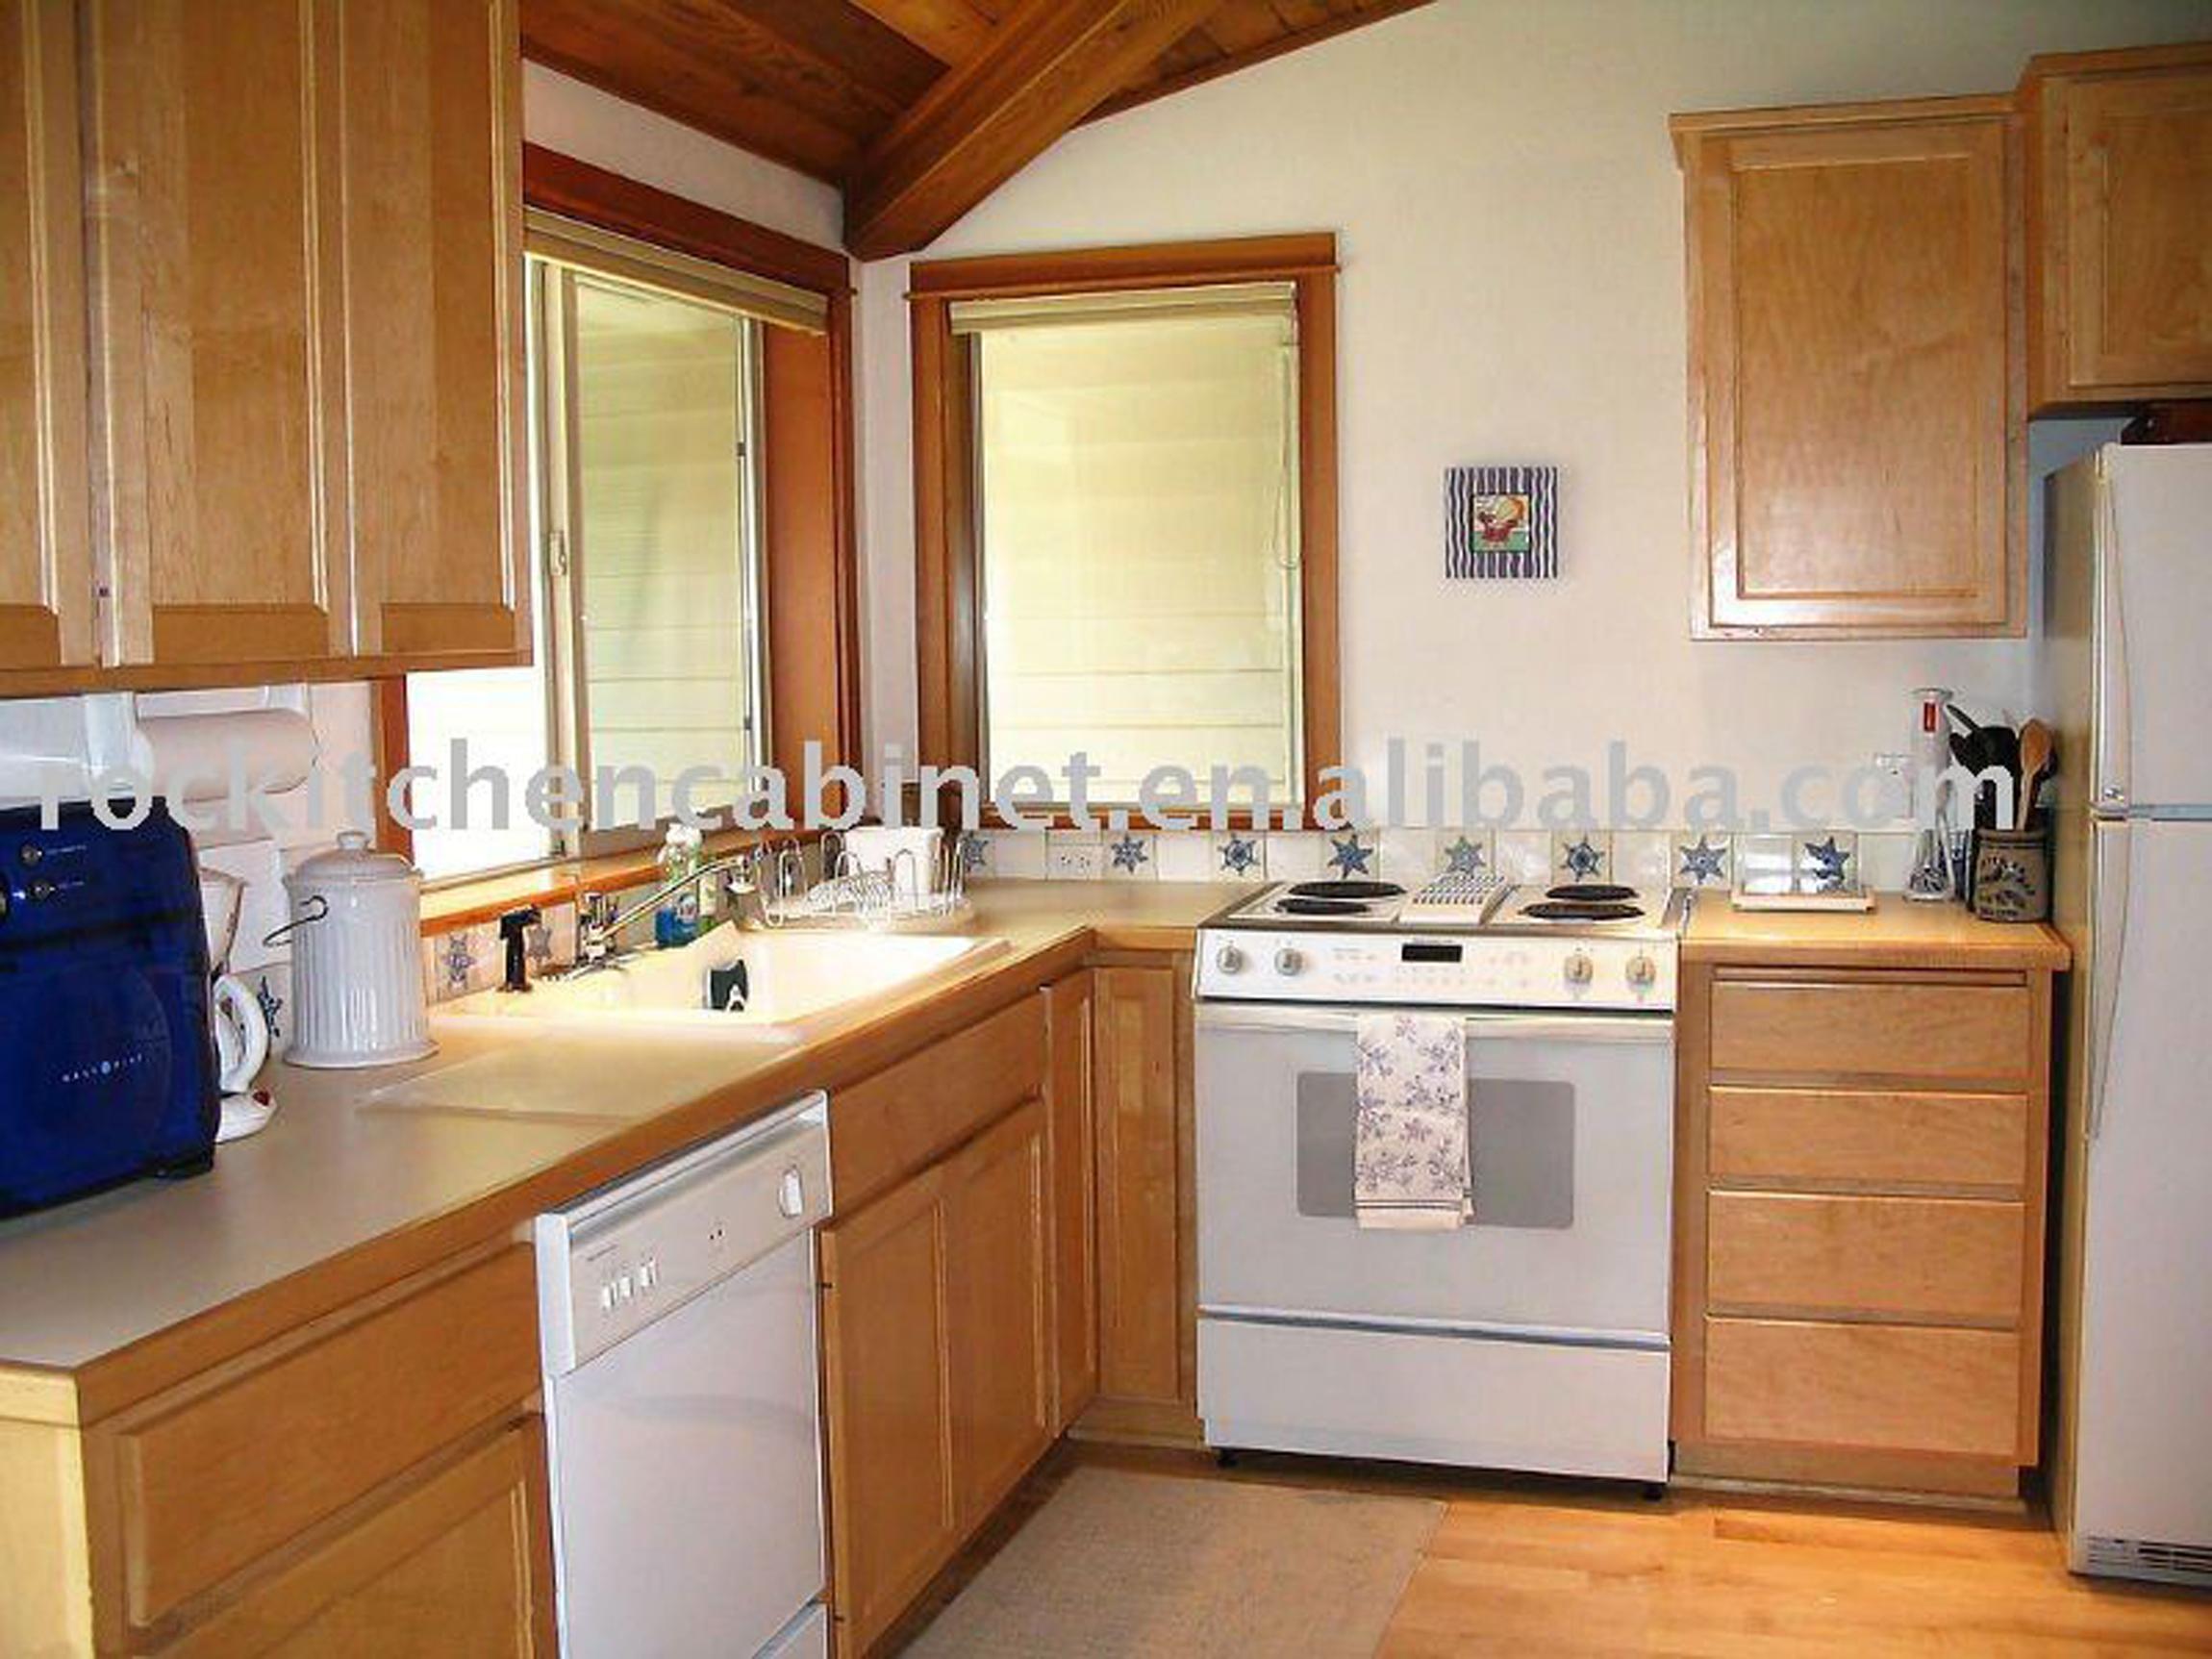 Kitchen Design Cabinet With Impressive Scheme (View 26 of 31)